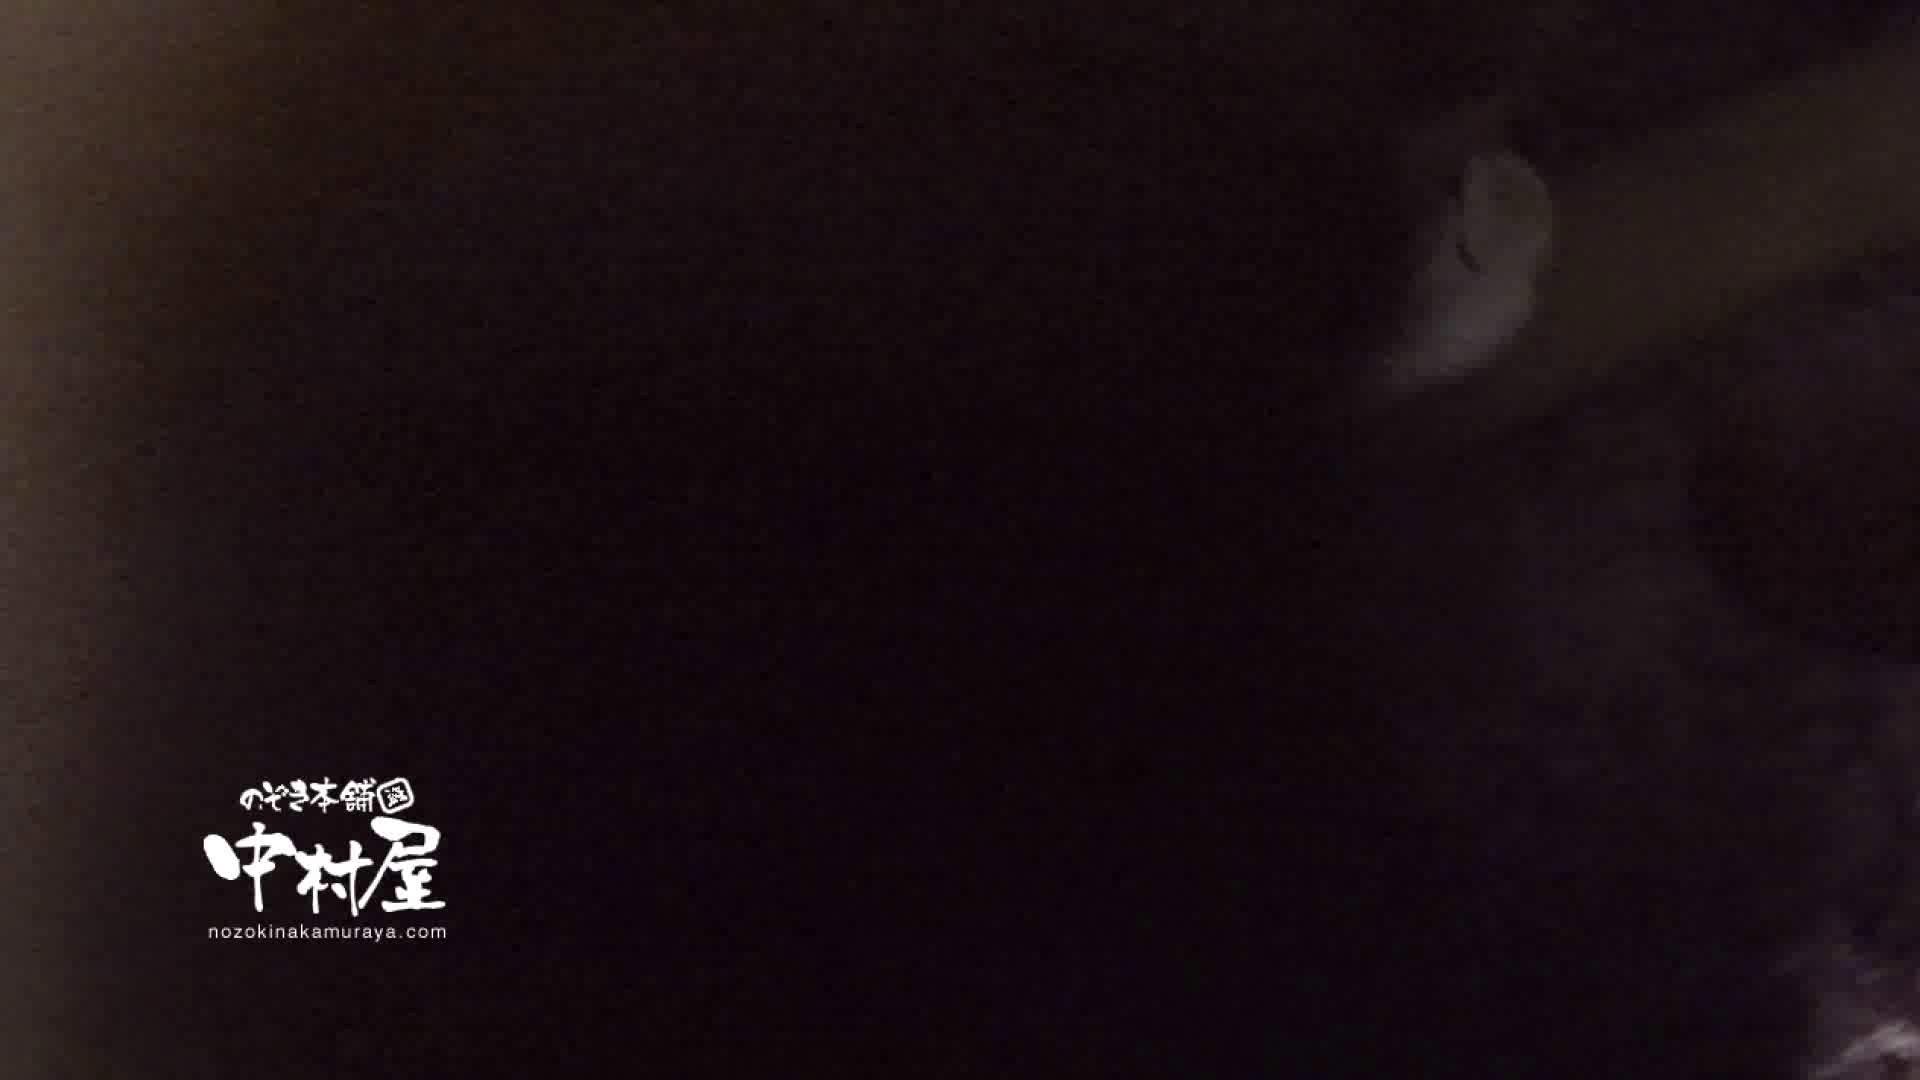 鬼畜 vol.10 あぁ無情…中出しパイパン! 前編 中出し AV無料動画キャプチャ 102枚 46